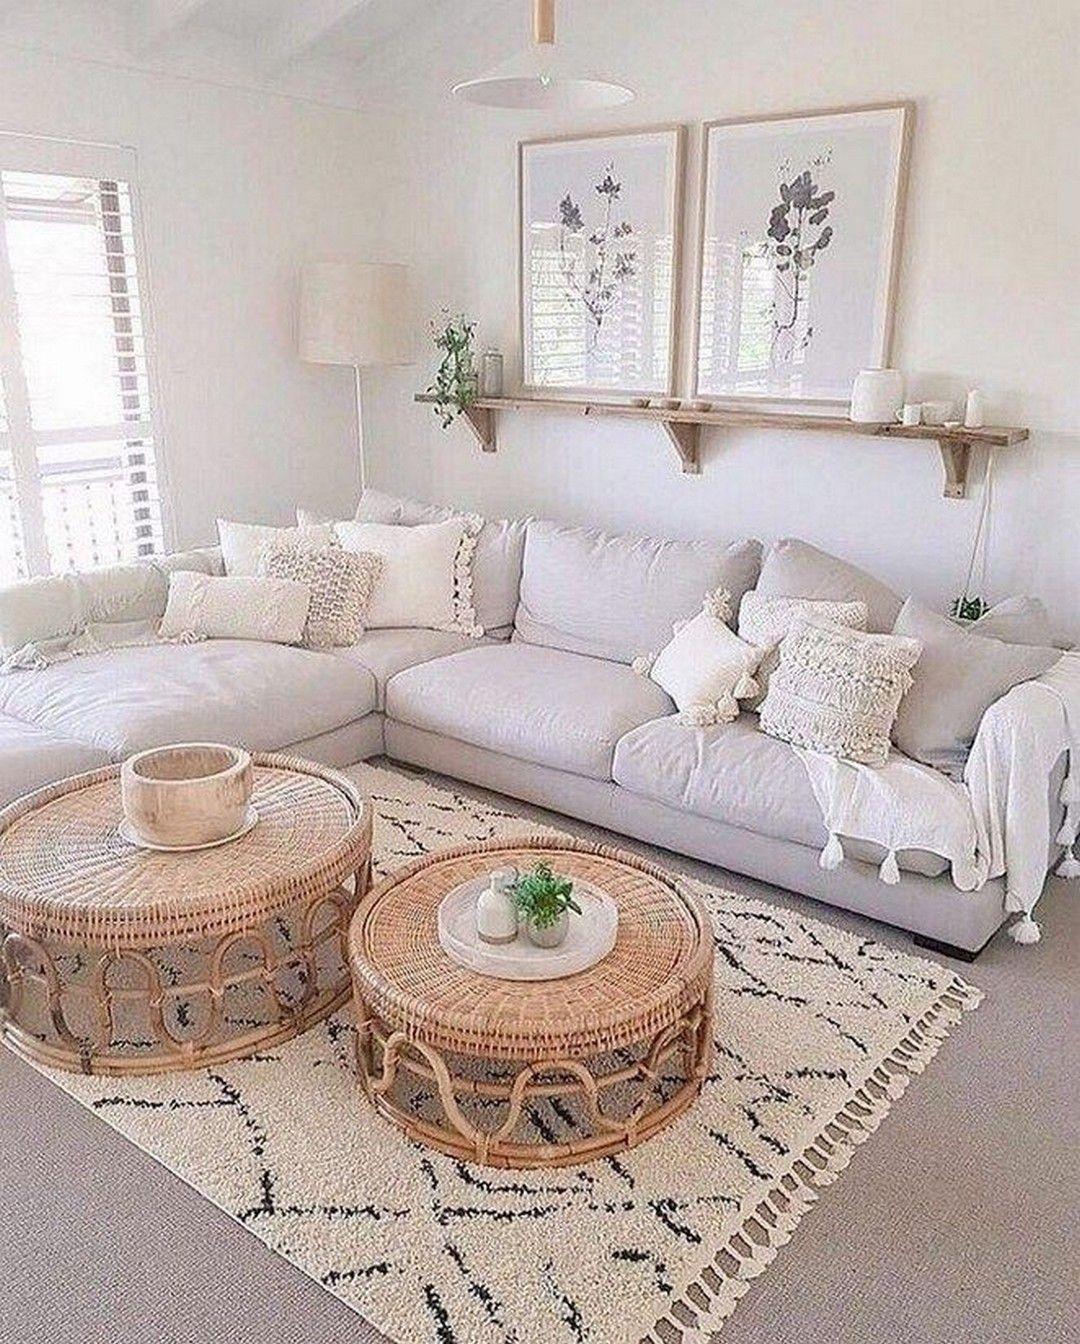 Fantastische Wohnung Wohnzimmer Deko-Ideen   2030